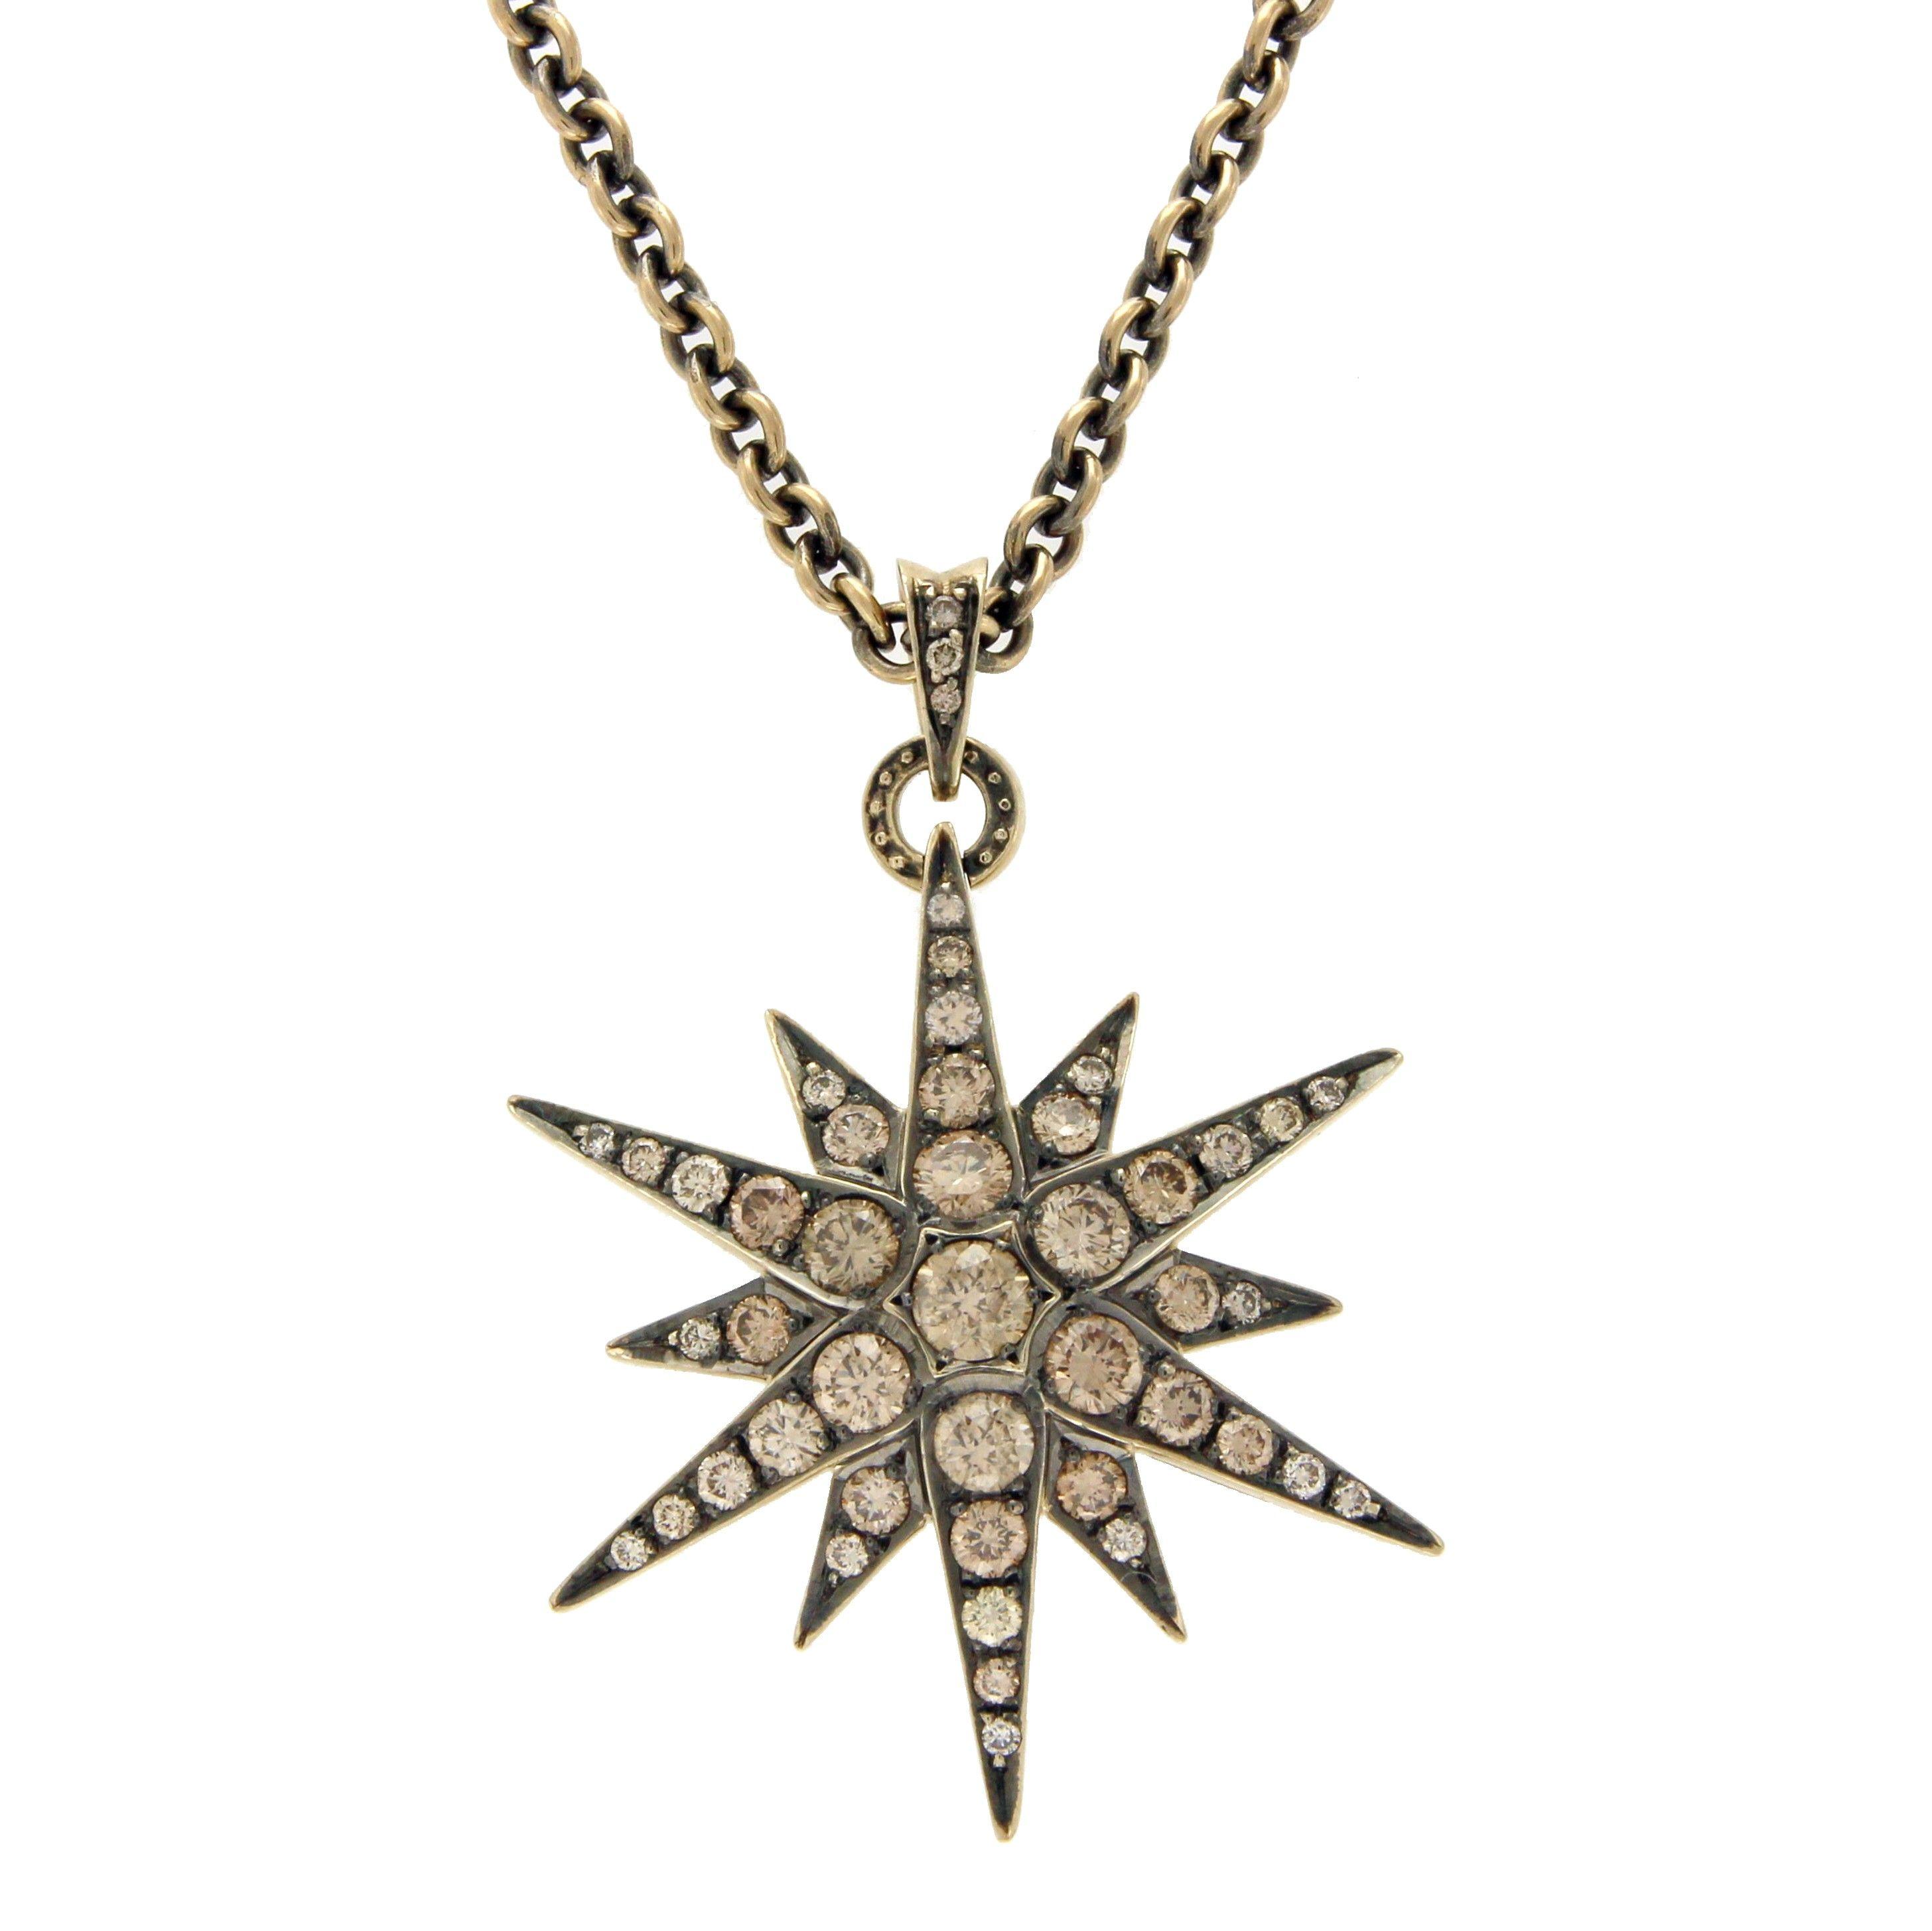 c6b6a8b4210f3 H. Stern H. Stern 18K Yellow Gold and Champagne Diamonds Genesis ...